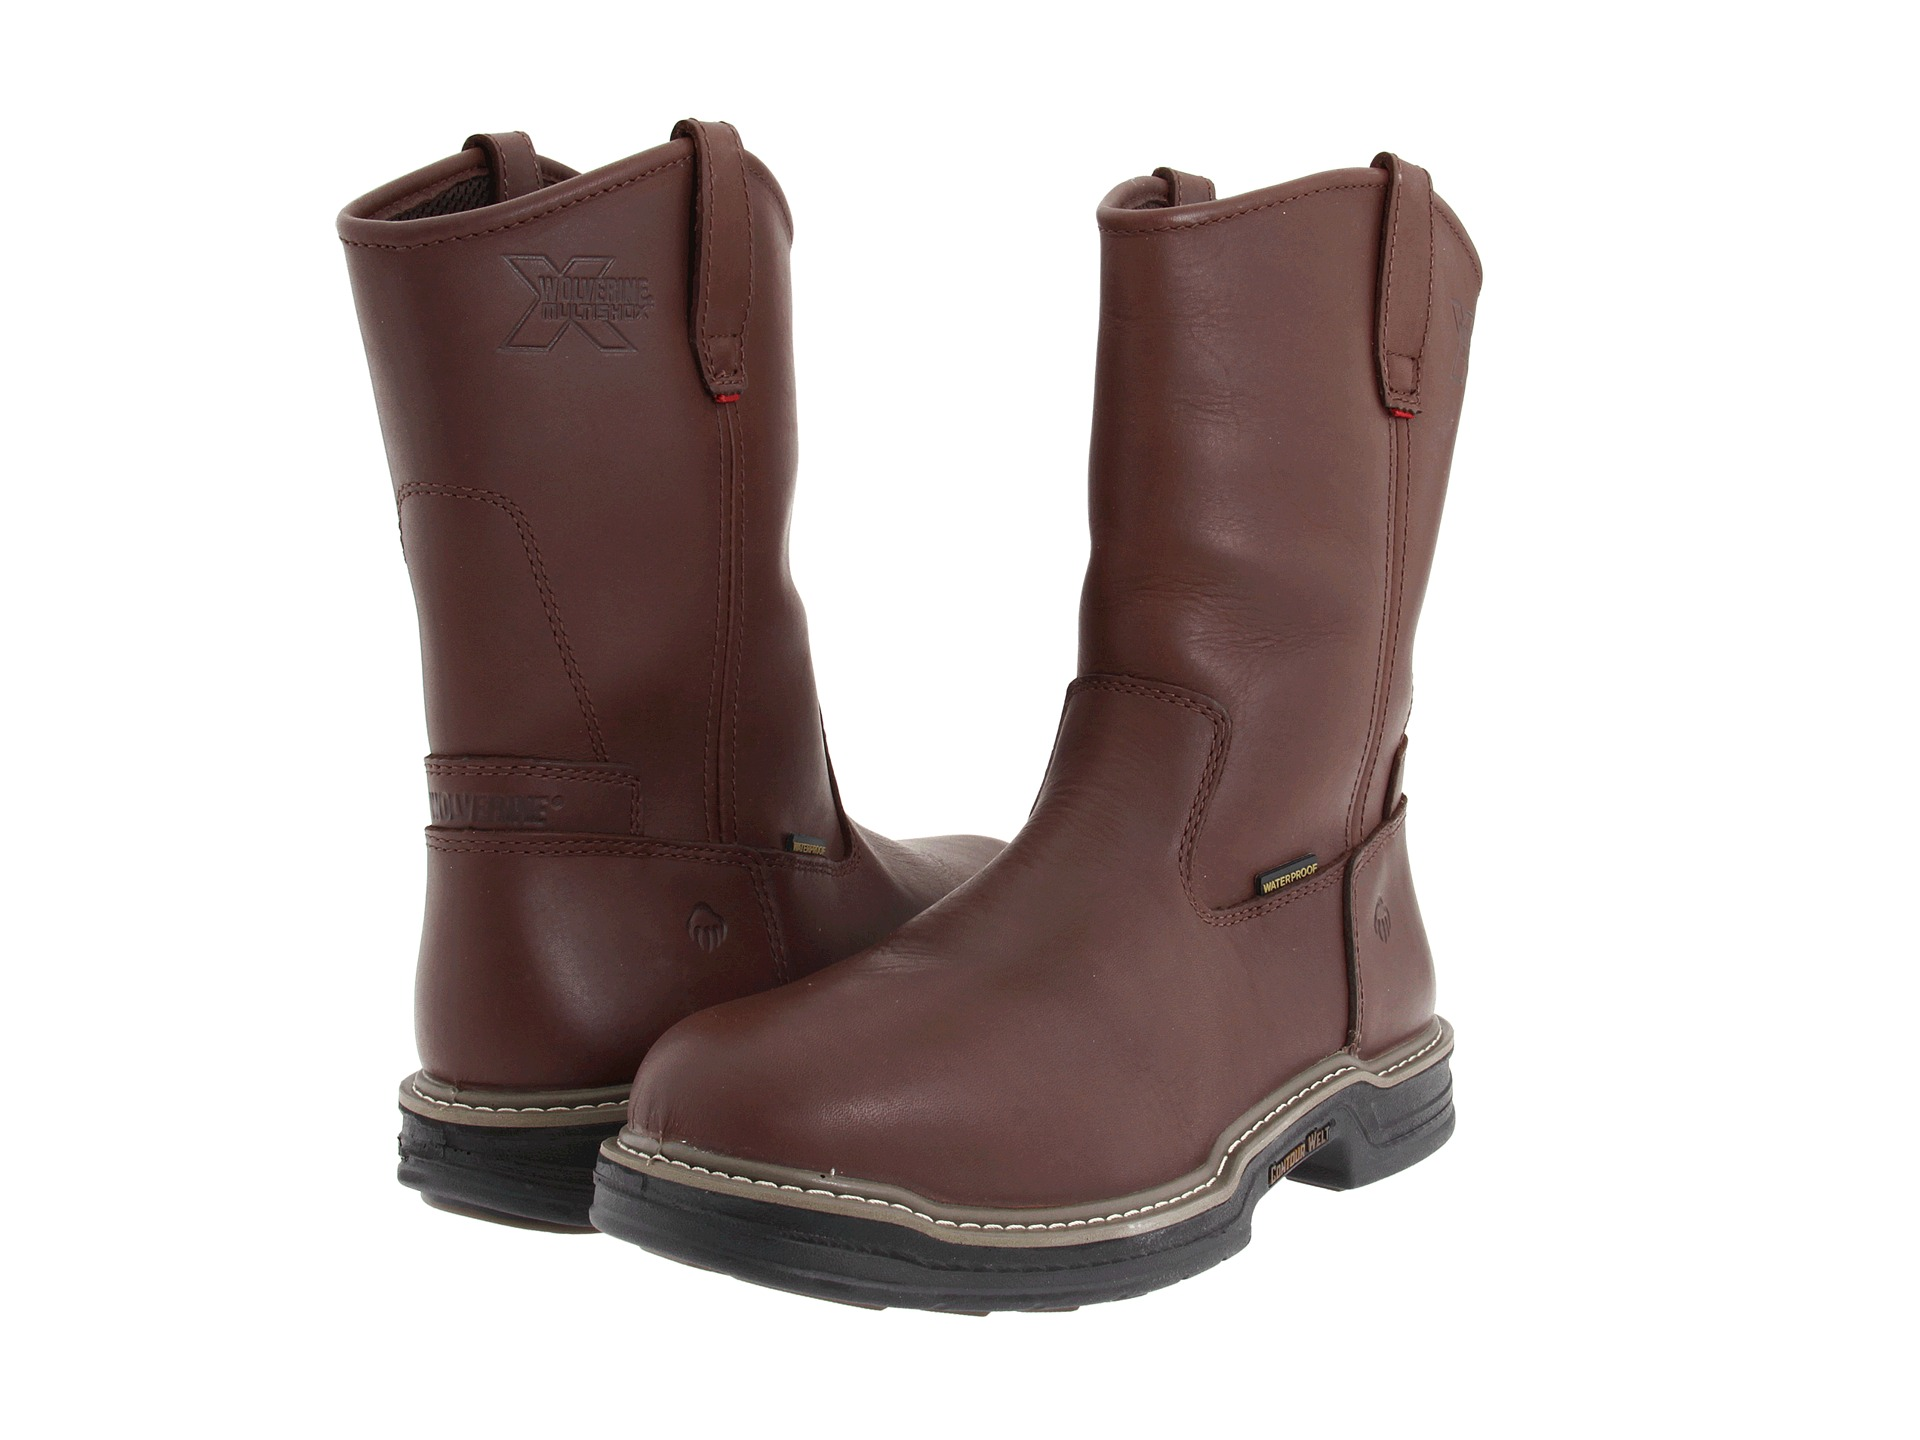 preis ugg boots usa